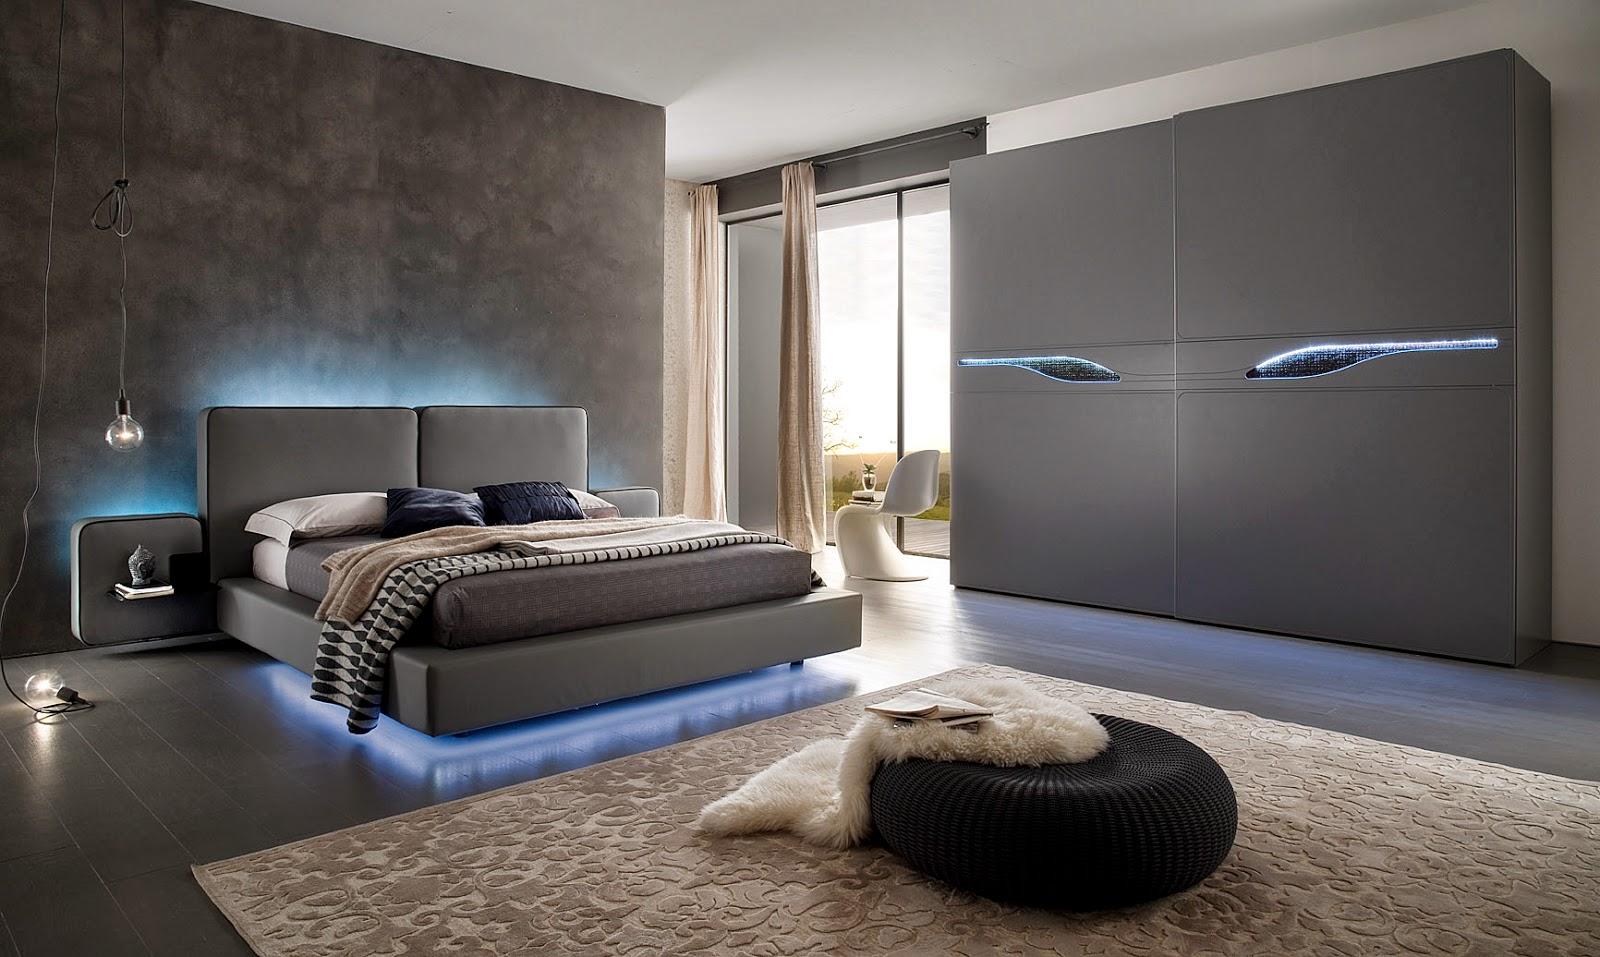 Interni moderni case - Mercatone camere da letto ...